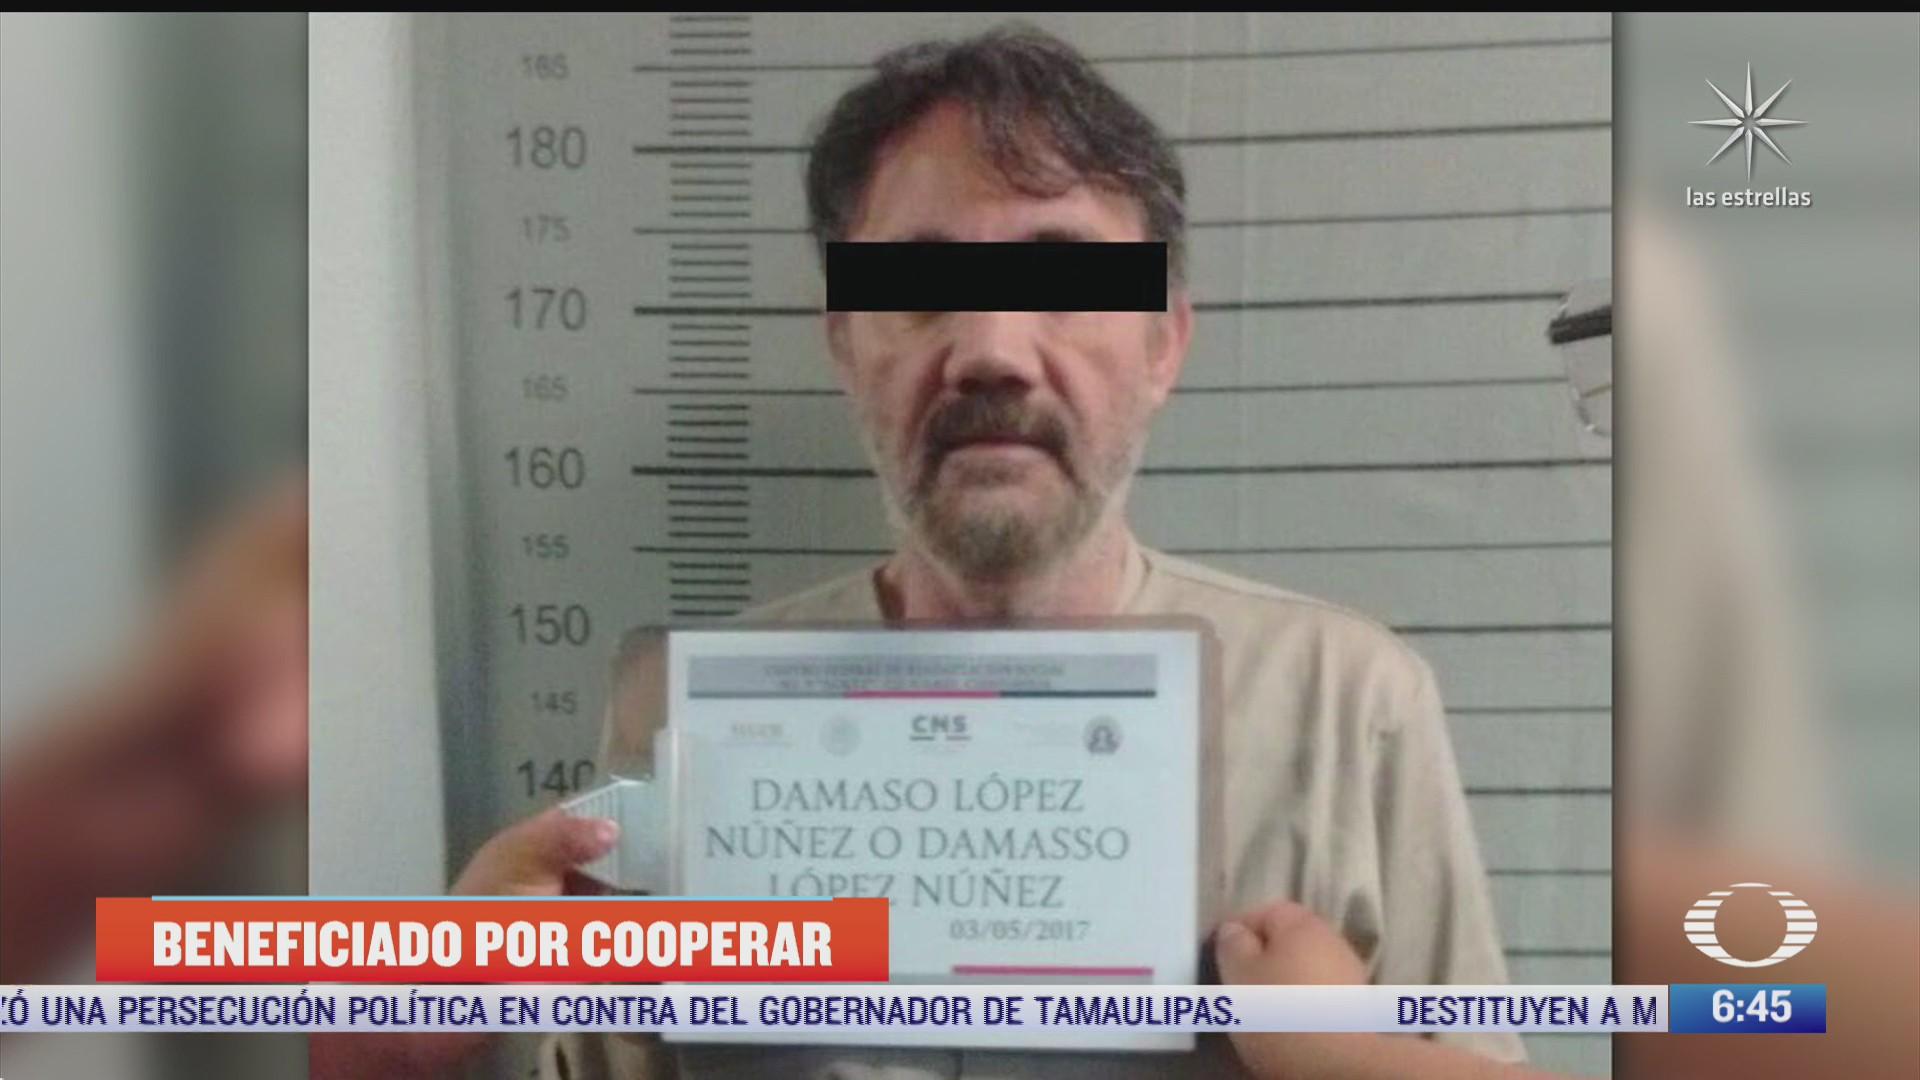 revocan en eeuu sentencia al narcotraficante mexicano damaso lopez el licenciado